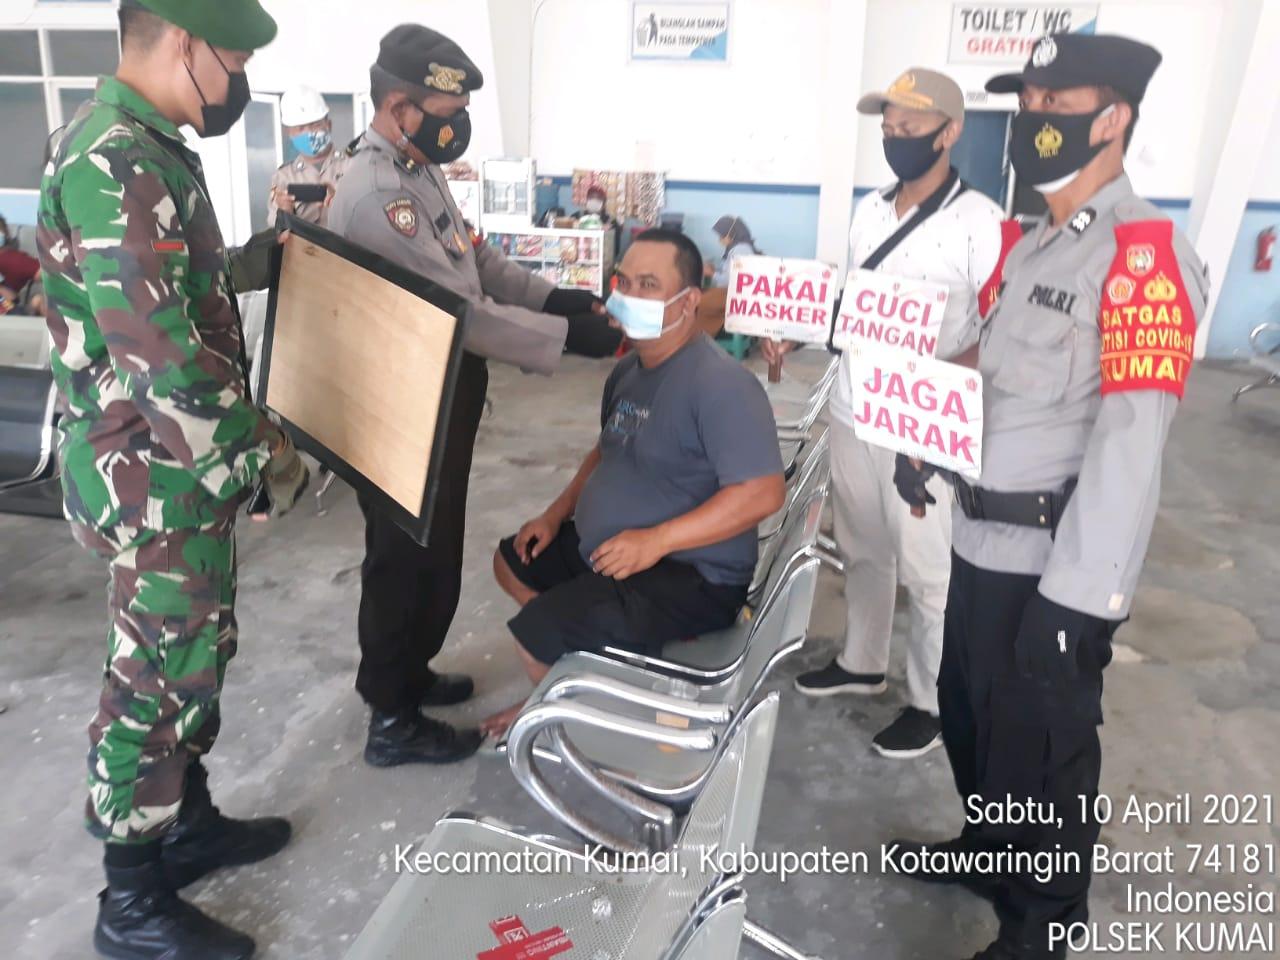 TNI & POLRI lakukan pembagian masker kepada Masyarakat